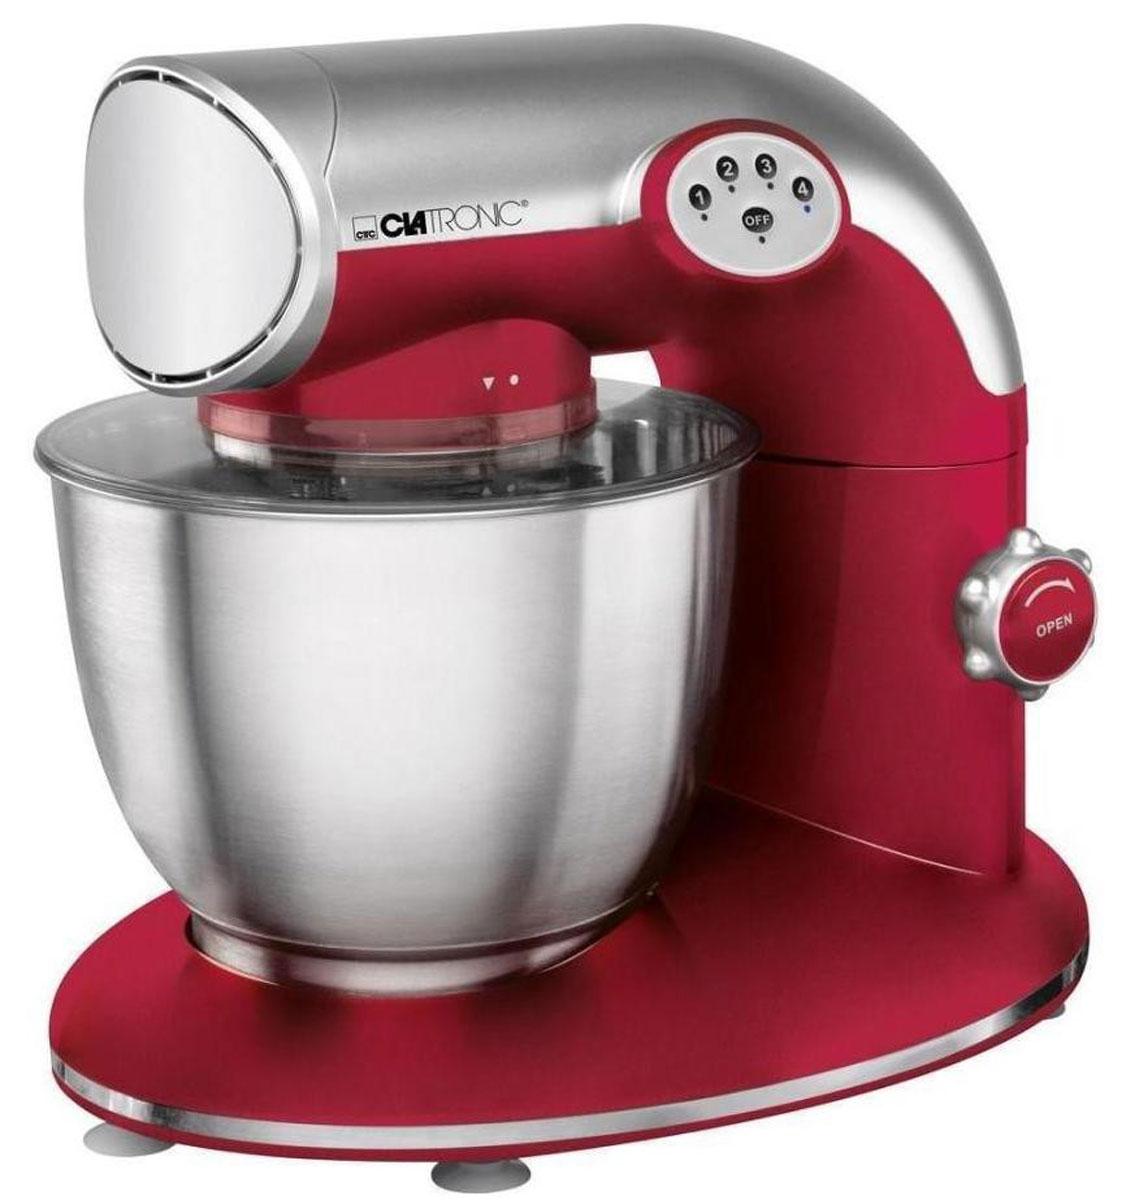 Clatronic KM 3632, Red кухонный комбайнKM 3632 rotКухонный комбайн Clatronic KM 3632 станет прекрасным помощником для любой хозяйки С ним вы сможете готовить невероятно вкусные и аппетитные блюда, при этом сократив время их приготовление. Основным назначением прибора является изготовление различных видов теста и кремов. Комбайн качественно и быстро перемешивает различные ингредиенты, что дает возможность избежать комочков. Clatronic KM 3632 снабжен чашей из нержавеющей стали и механической системой управления. 4 скорости замешивания обеспечат наилучший результат.